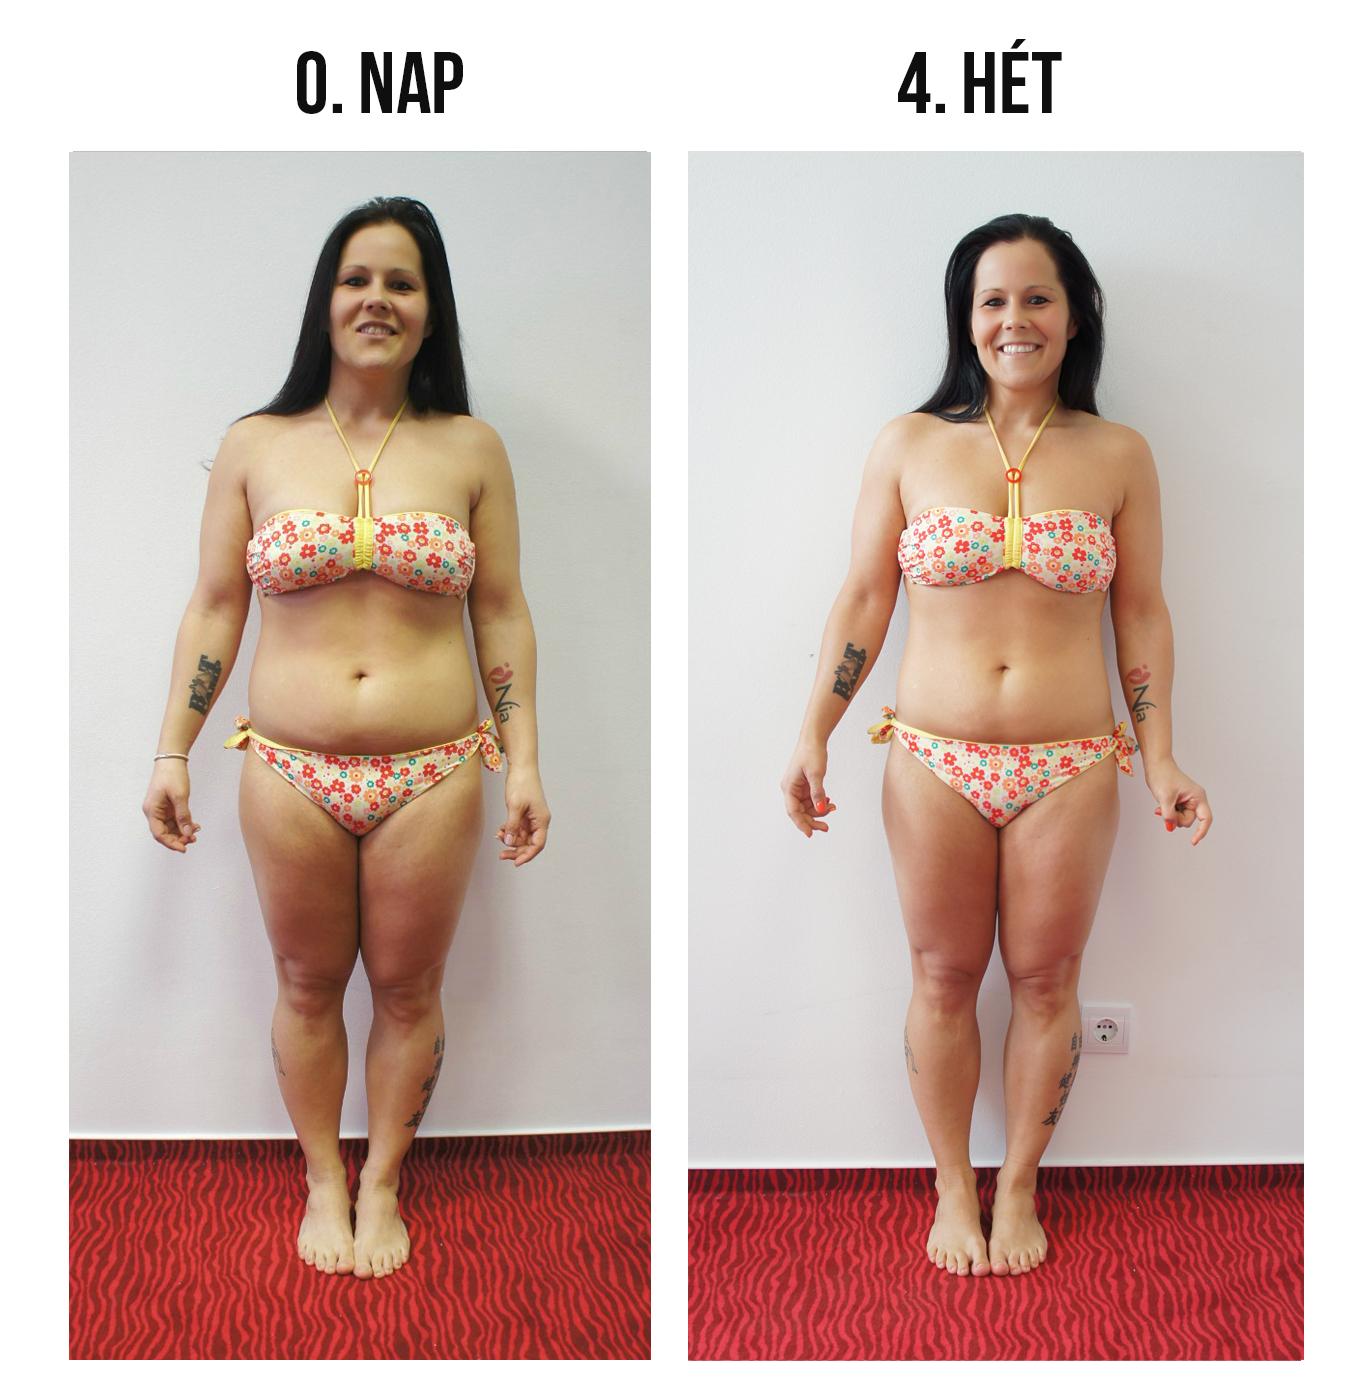 Zsír, ami szükséges a fogyáshoz - Fogyókúra | Femina